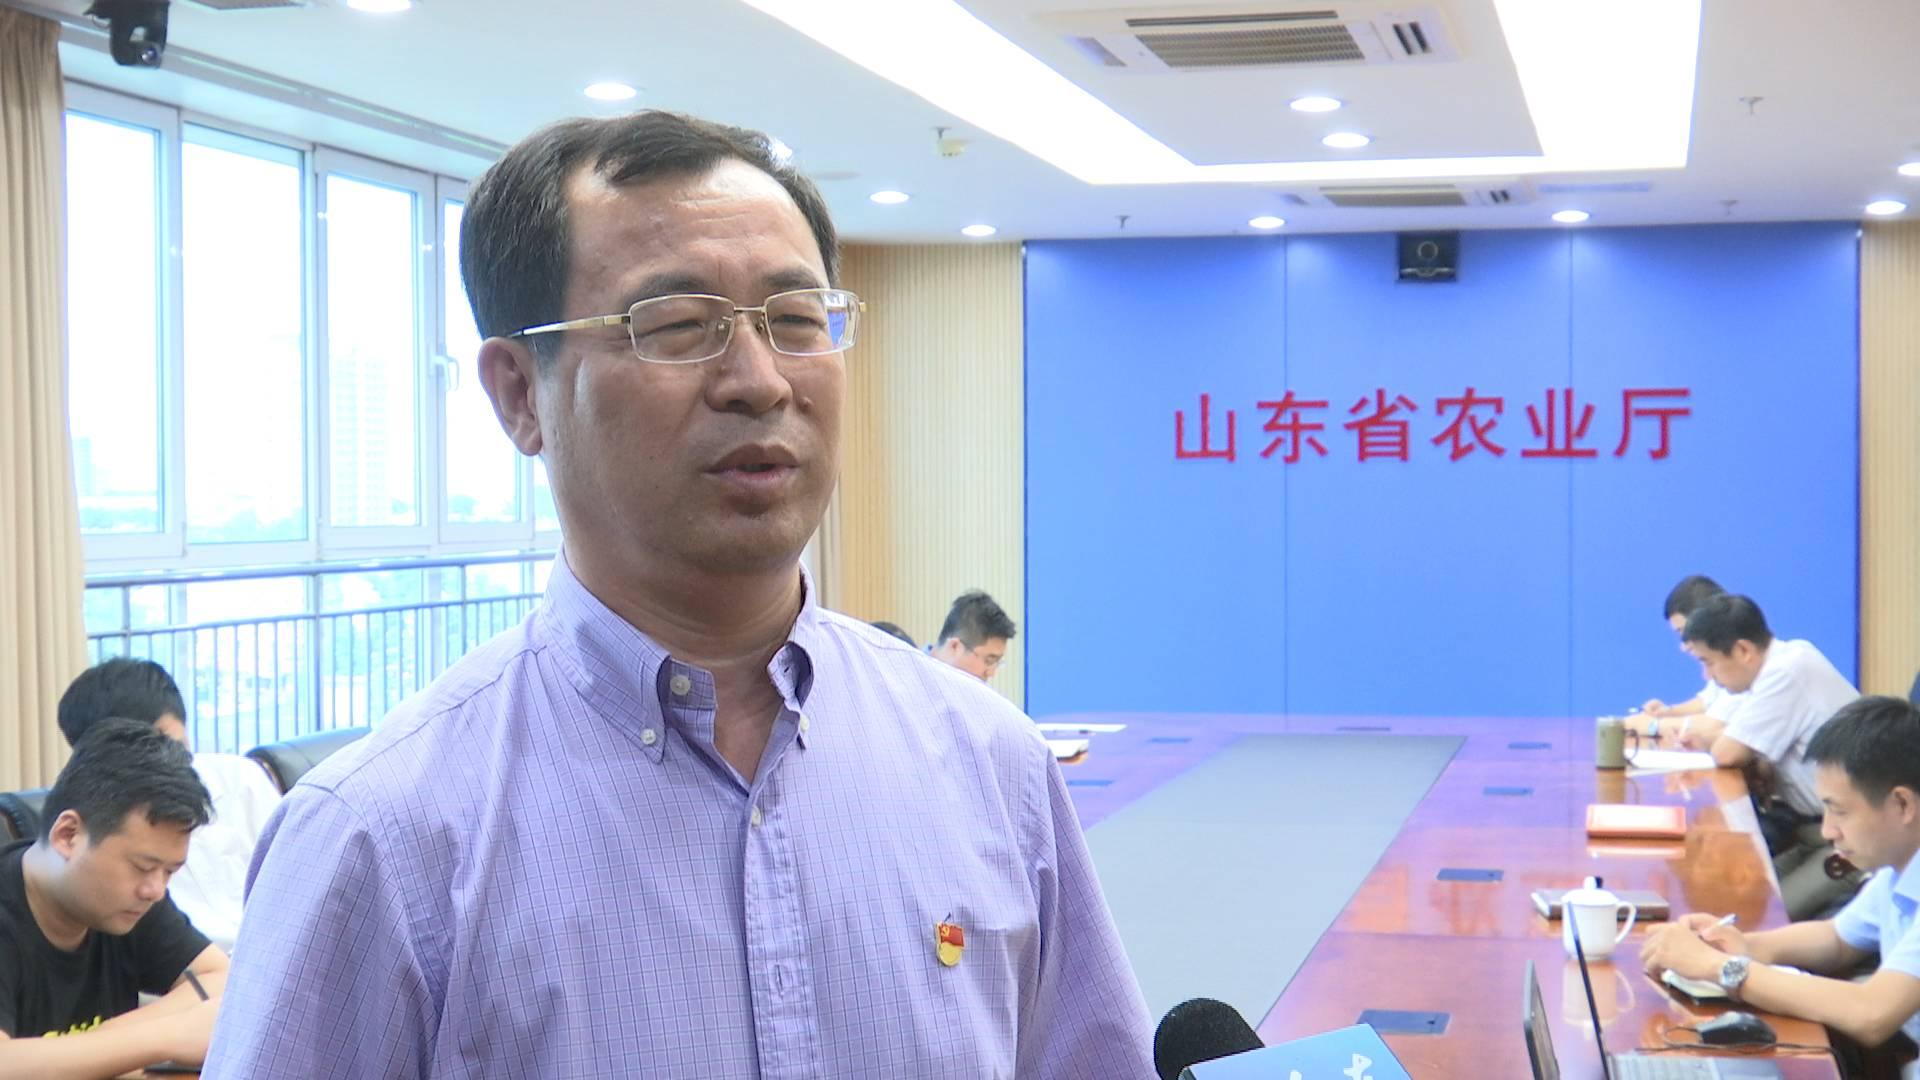 总书记来到我们身边 山东省农业厅副厅长王登启:推动农业高质量发展